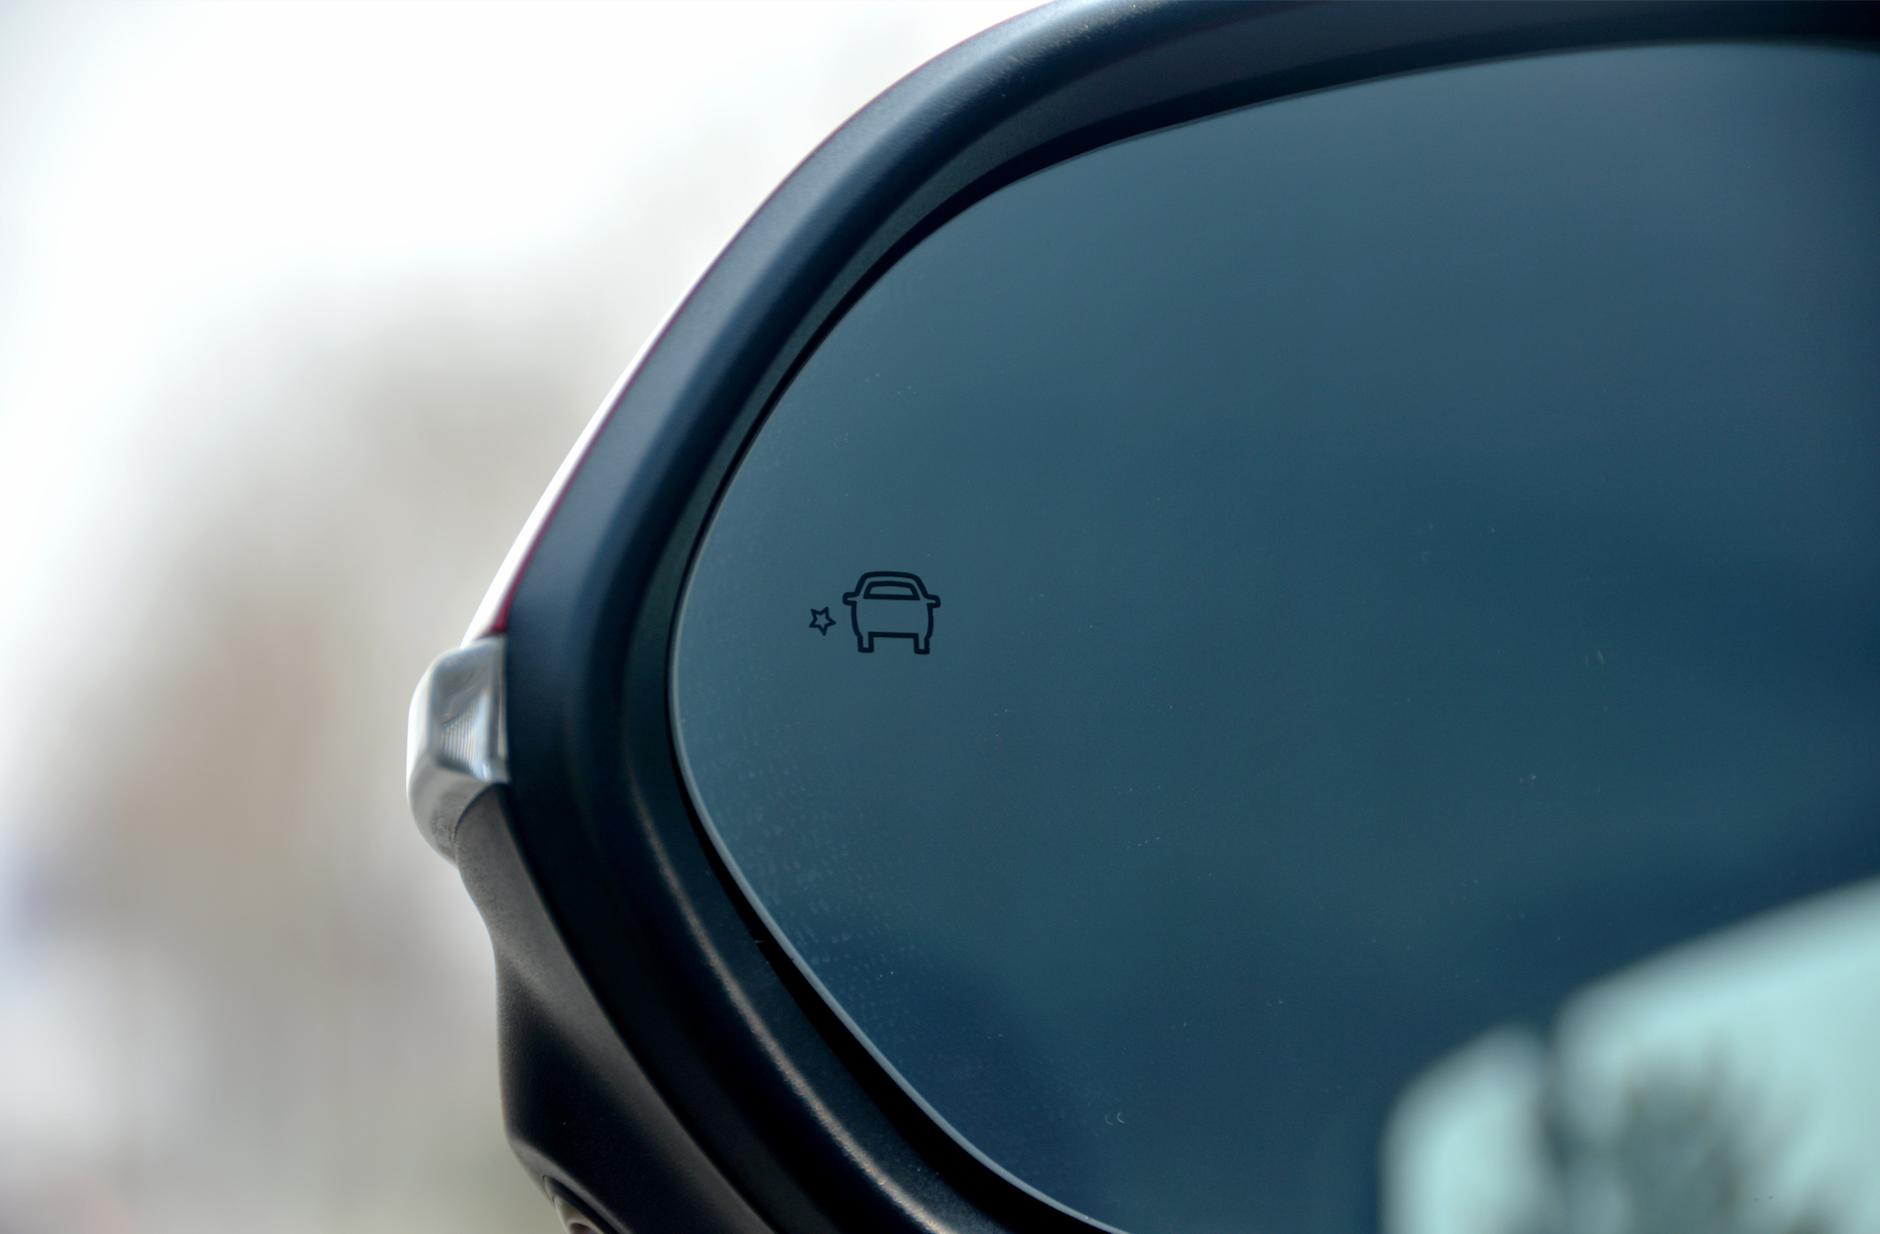 全新绅珍D50:用智能驾驭辅弼建宗人和汽车相信的桥梁 汽车殿堂